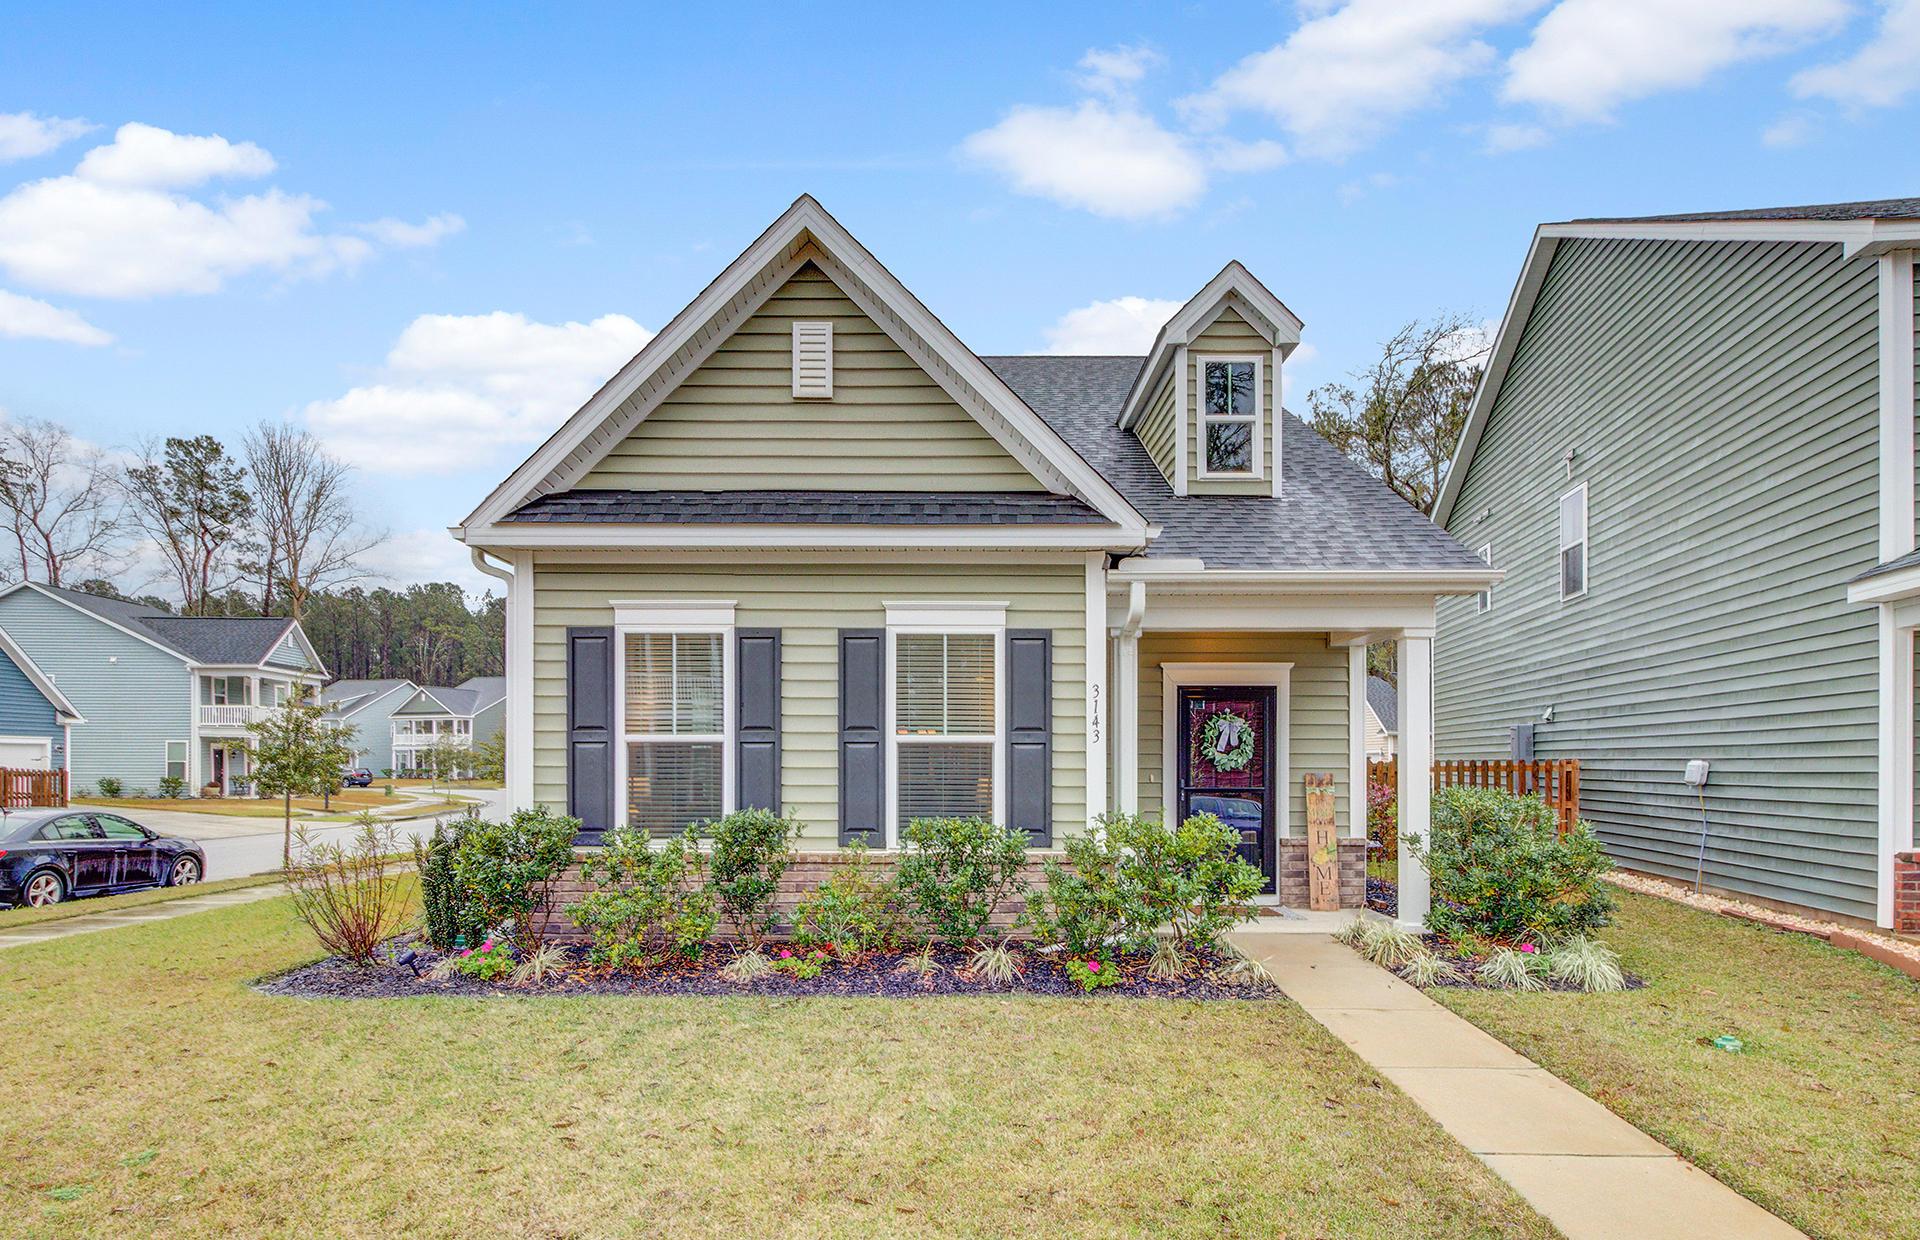 Boltons Landing Homes For Sale - 3143 Moonlight, Charleston, SC - 11